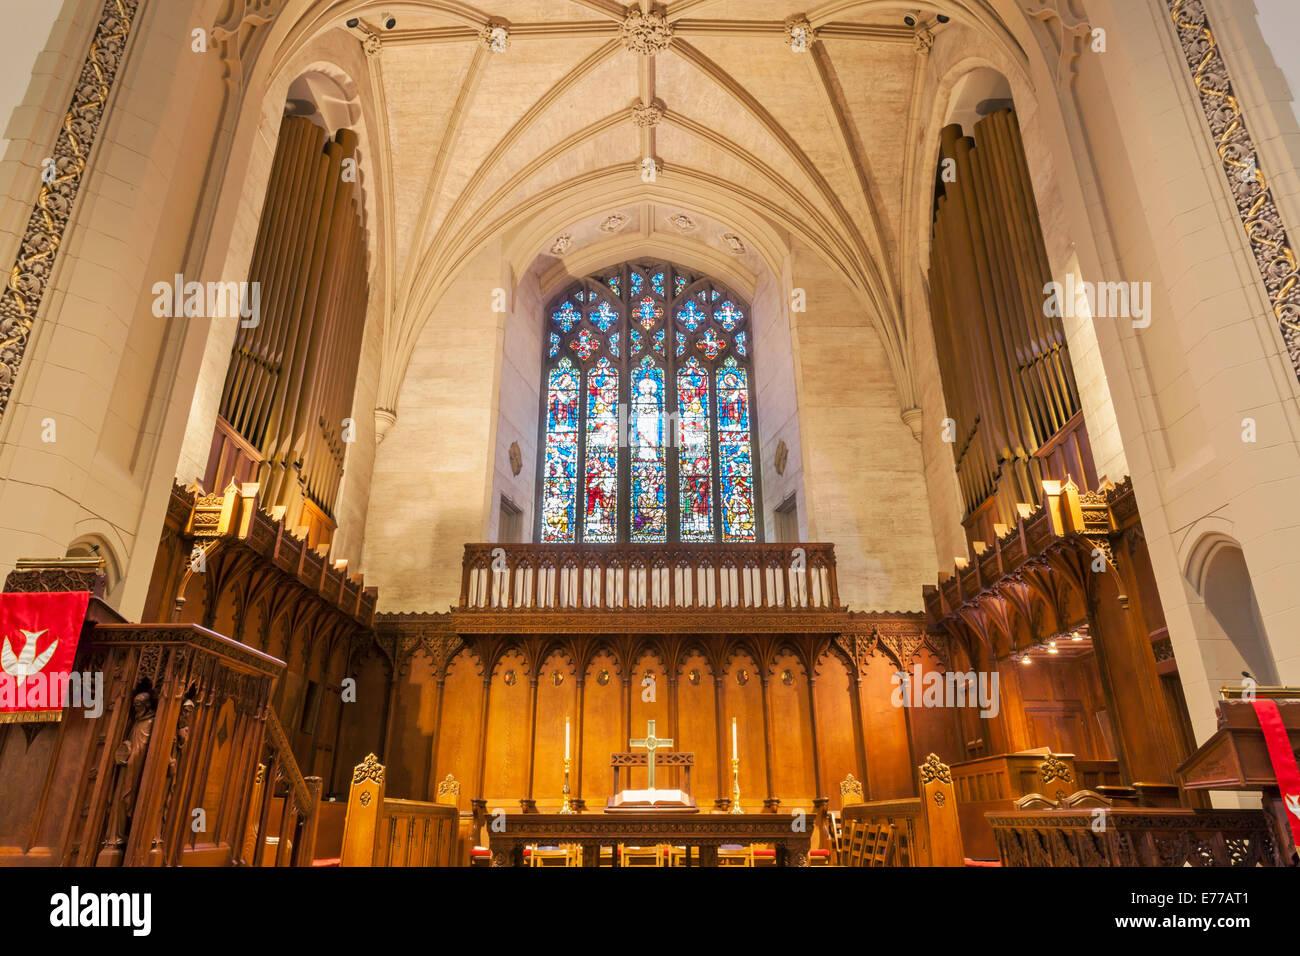 Un órgano de tubos en una iglesia. Imagen De Stock